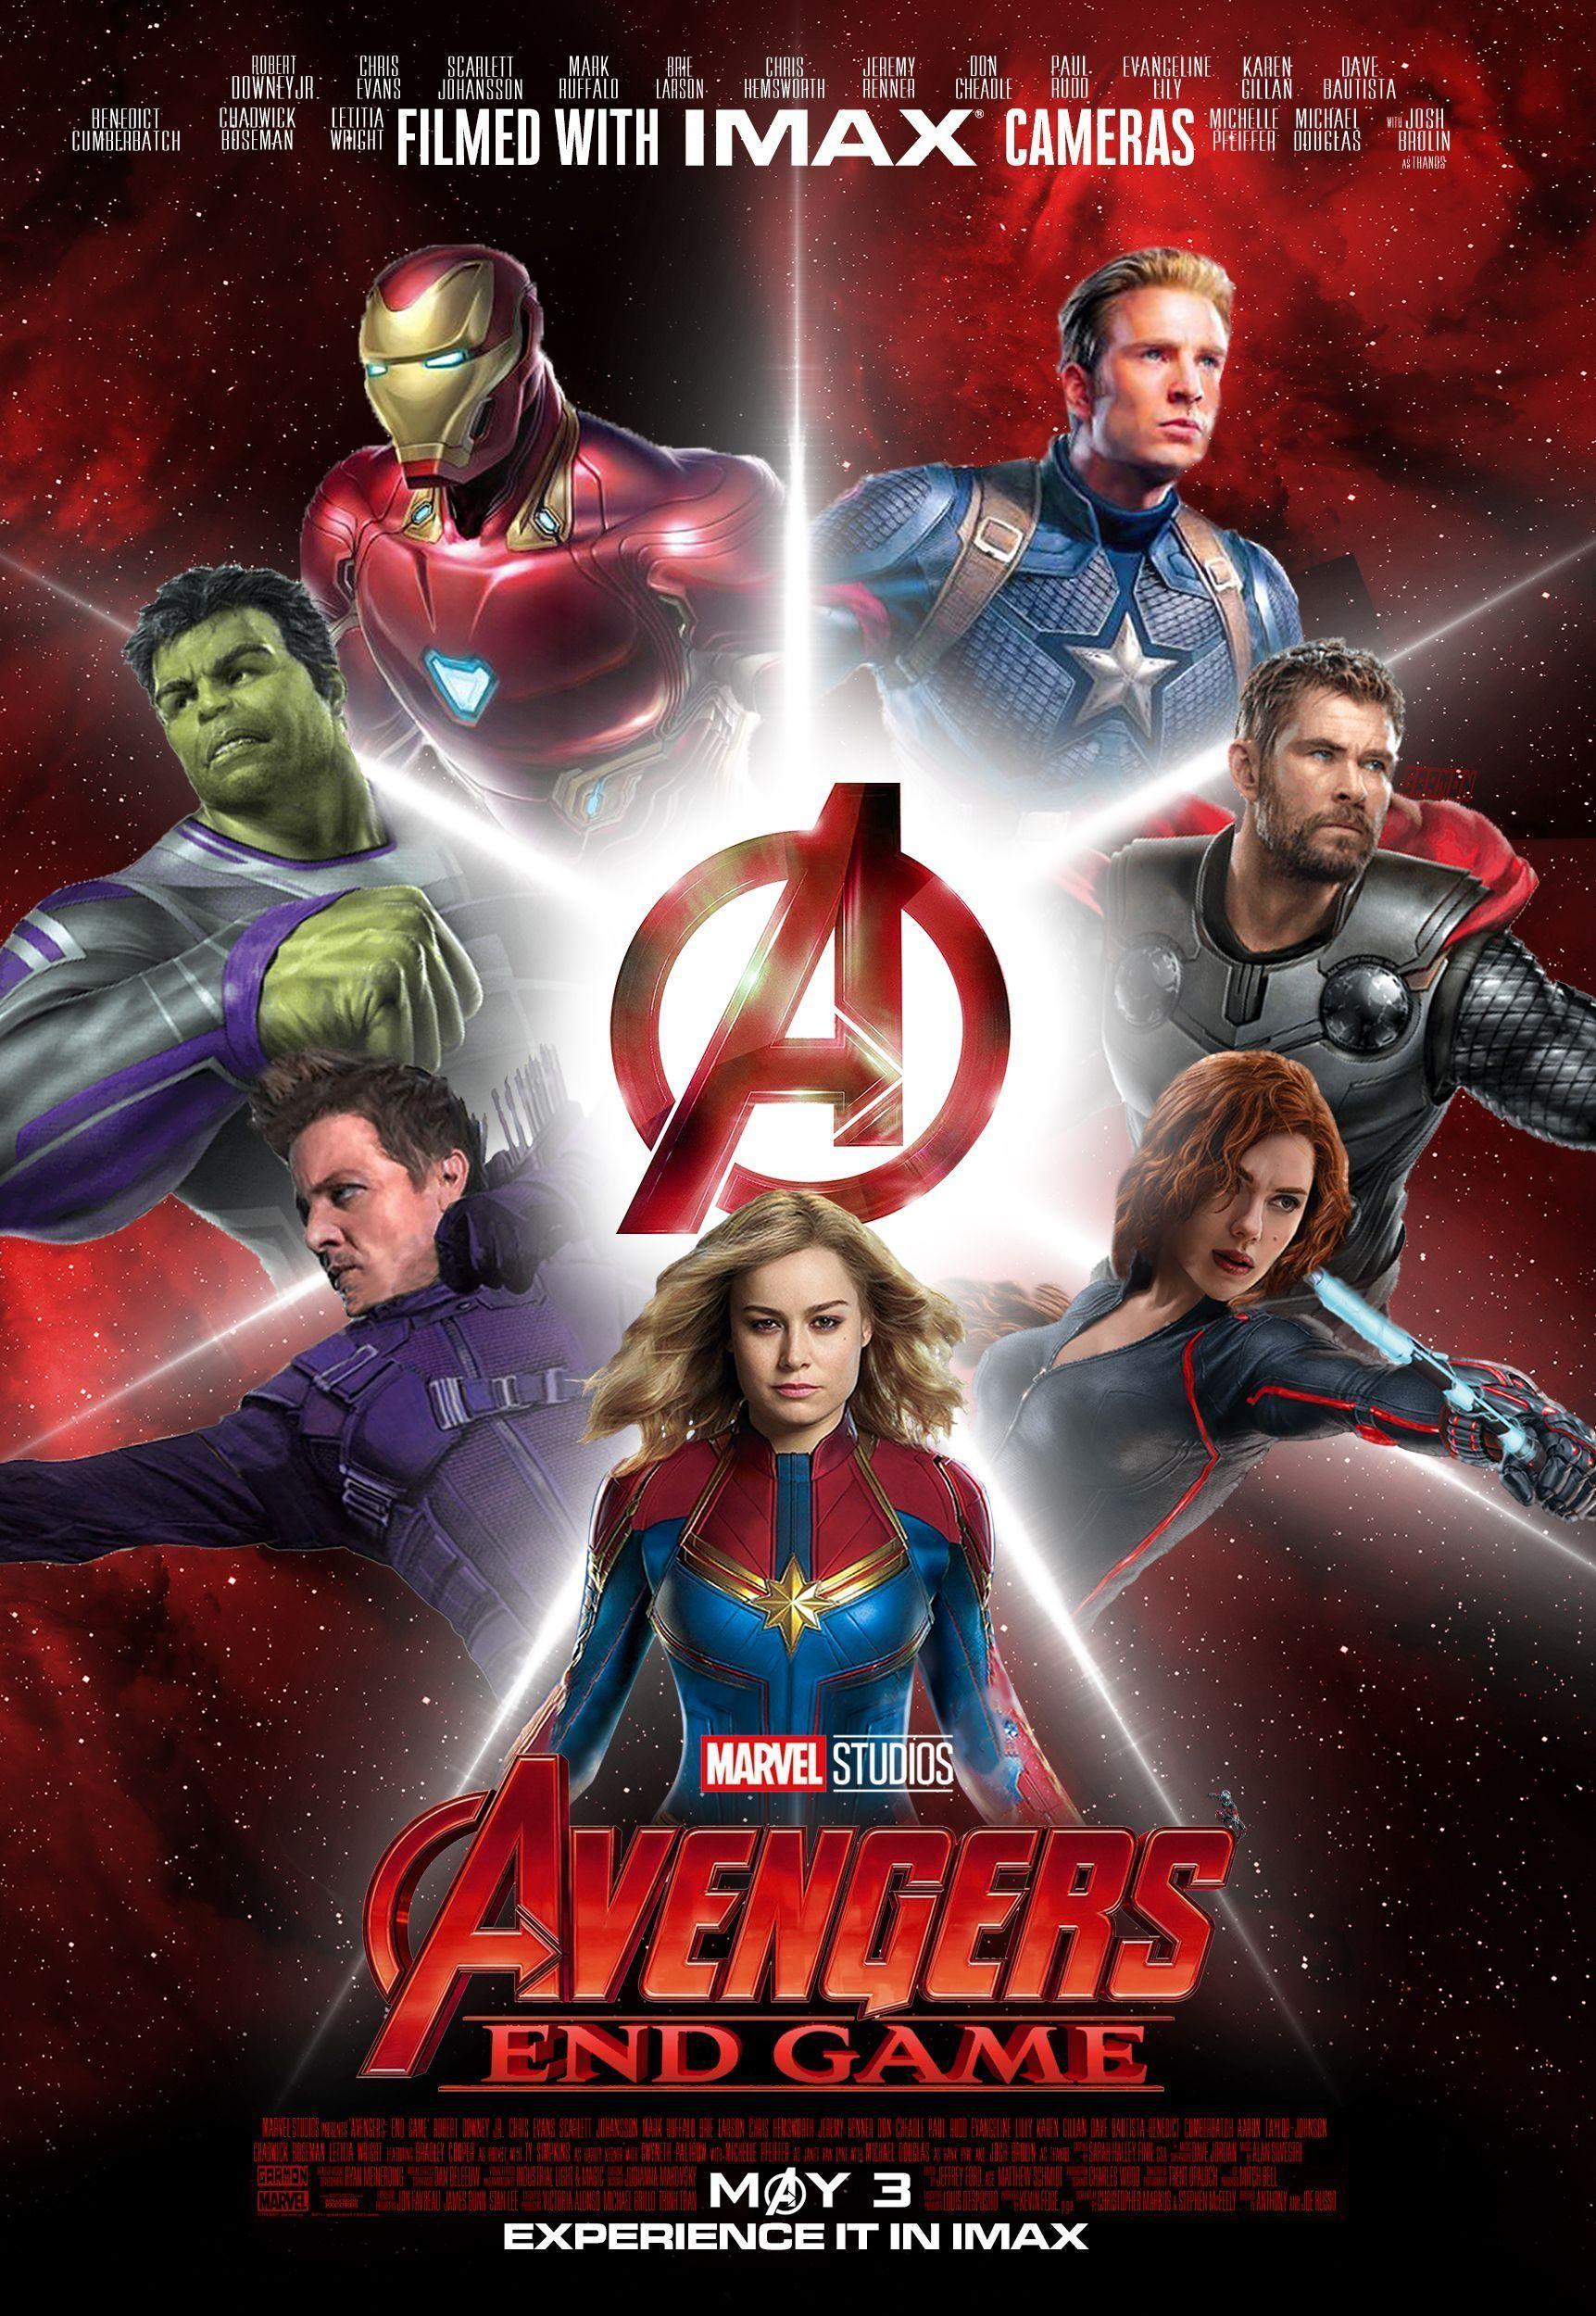 Avengers Endgame Wallpapers Wallpaper Cave Full Movies Full Movies Online Free Full Movies Free